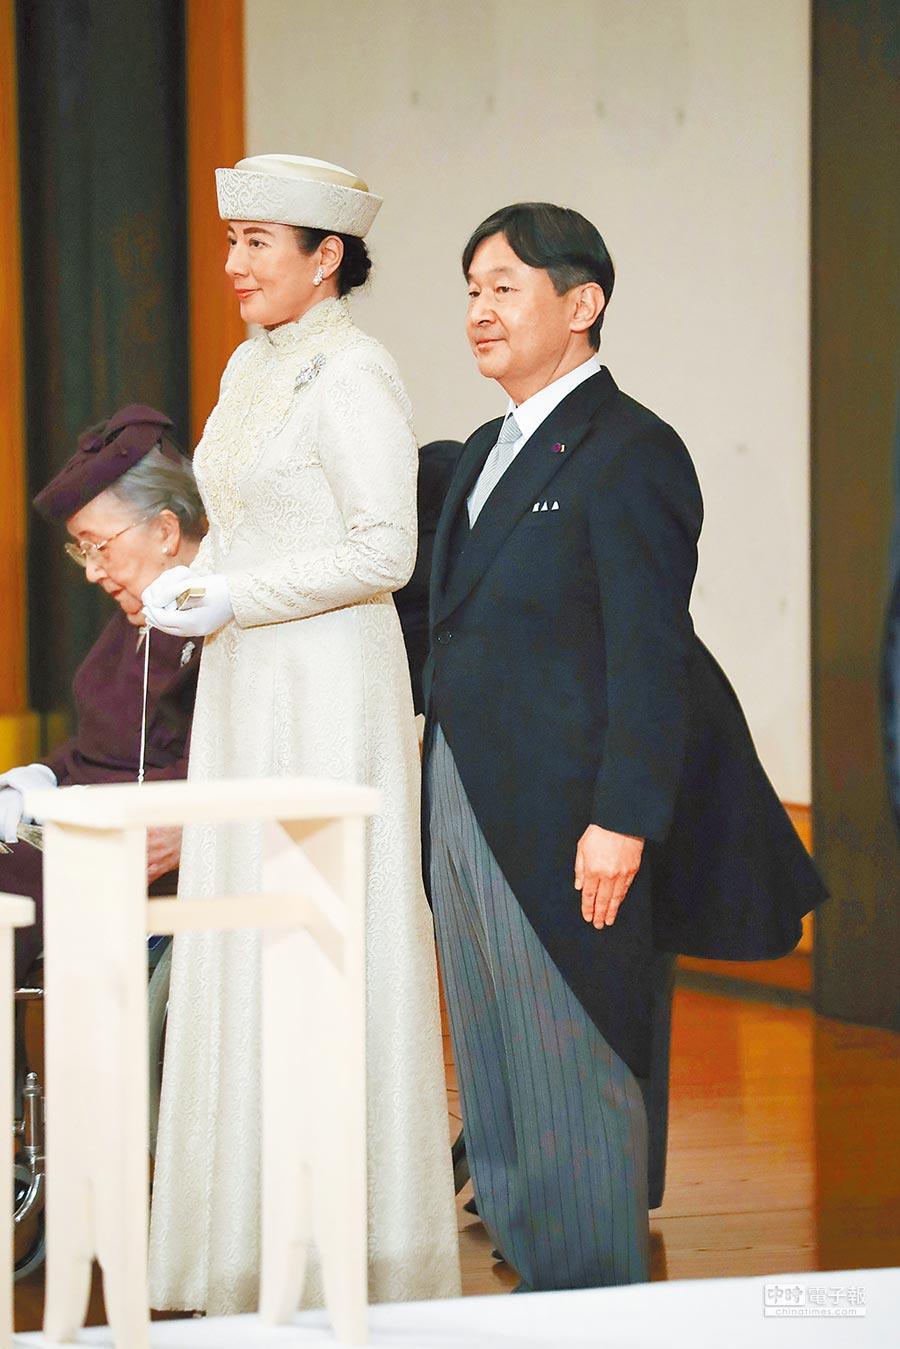 德仁皇太子與妻子雅子昨一同在參加皇宮舉辦的「退位禮正殿之儀」。德仁5月起就會正式成為天皇。(路透)